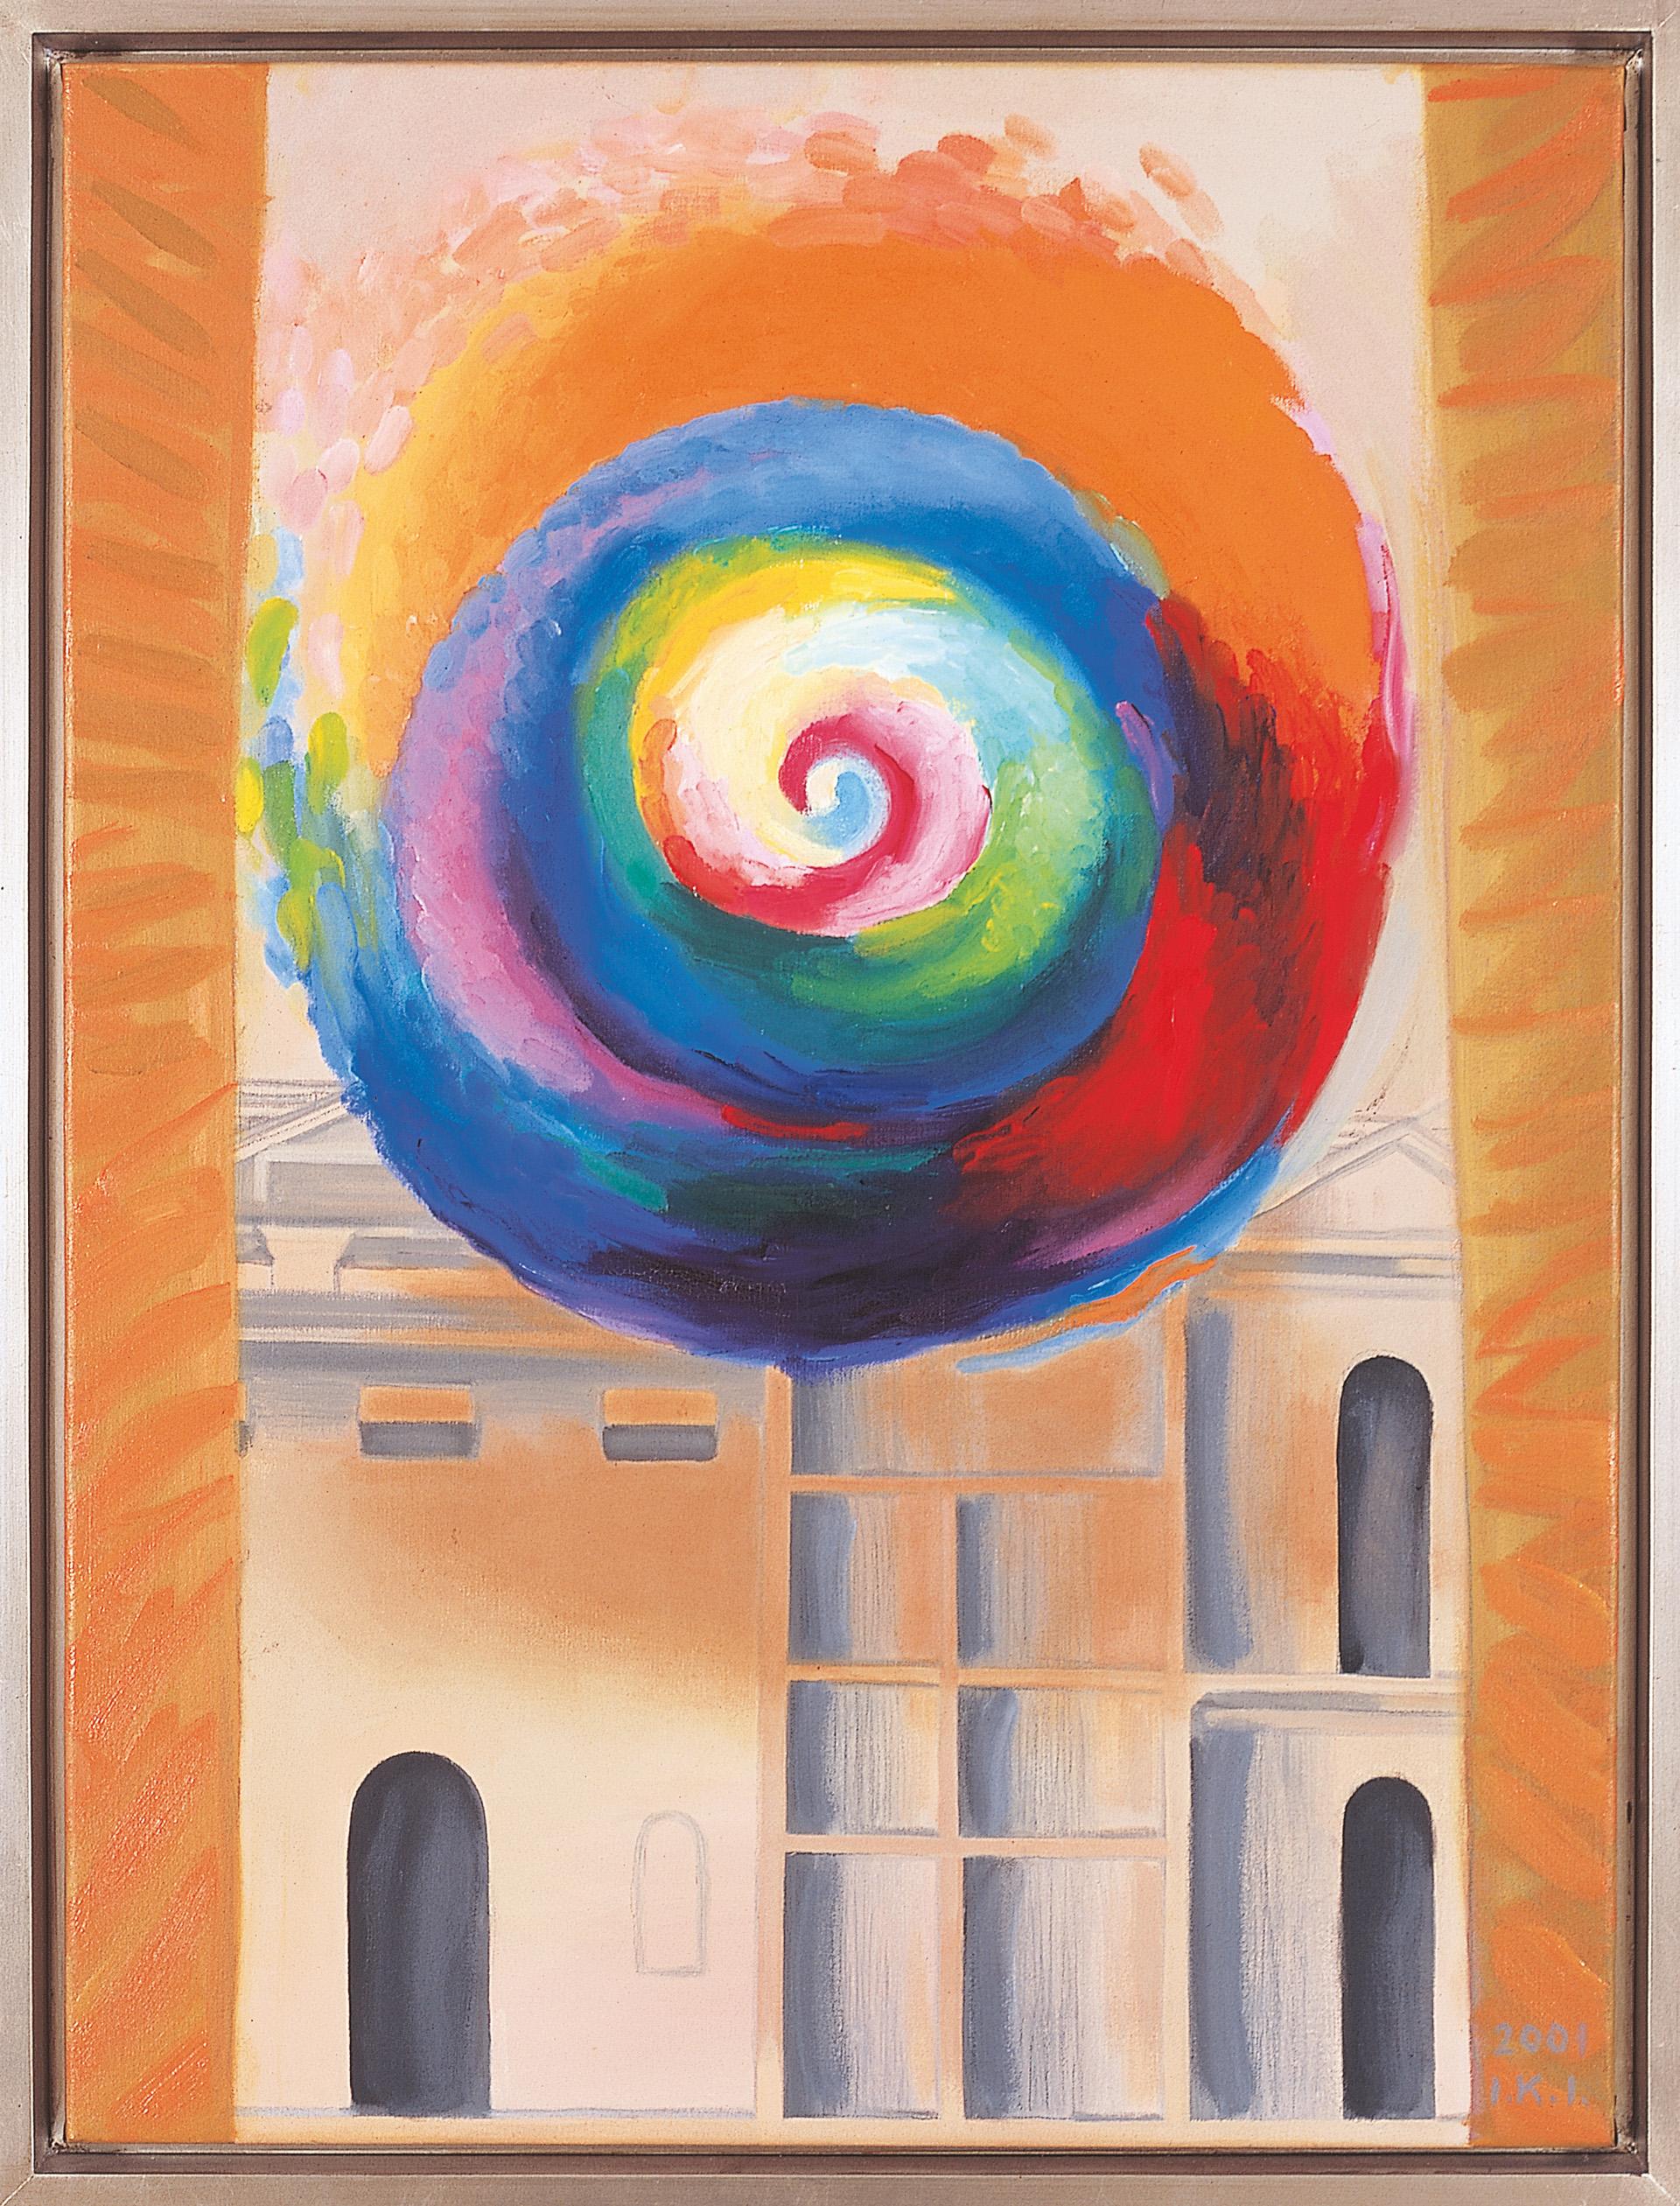 IKI 2001/1123 Omaggio á deChirico, Róma 2001. 03. 26. o. grafit vászon 80x60 cm